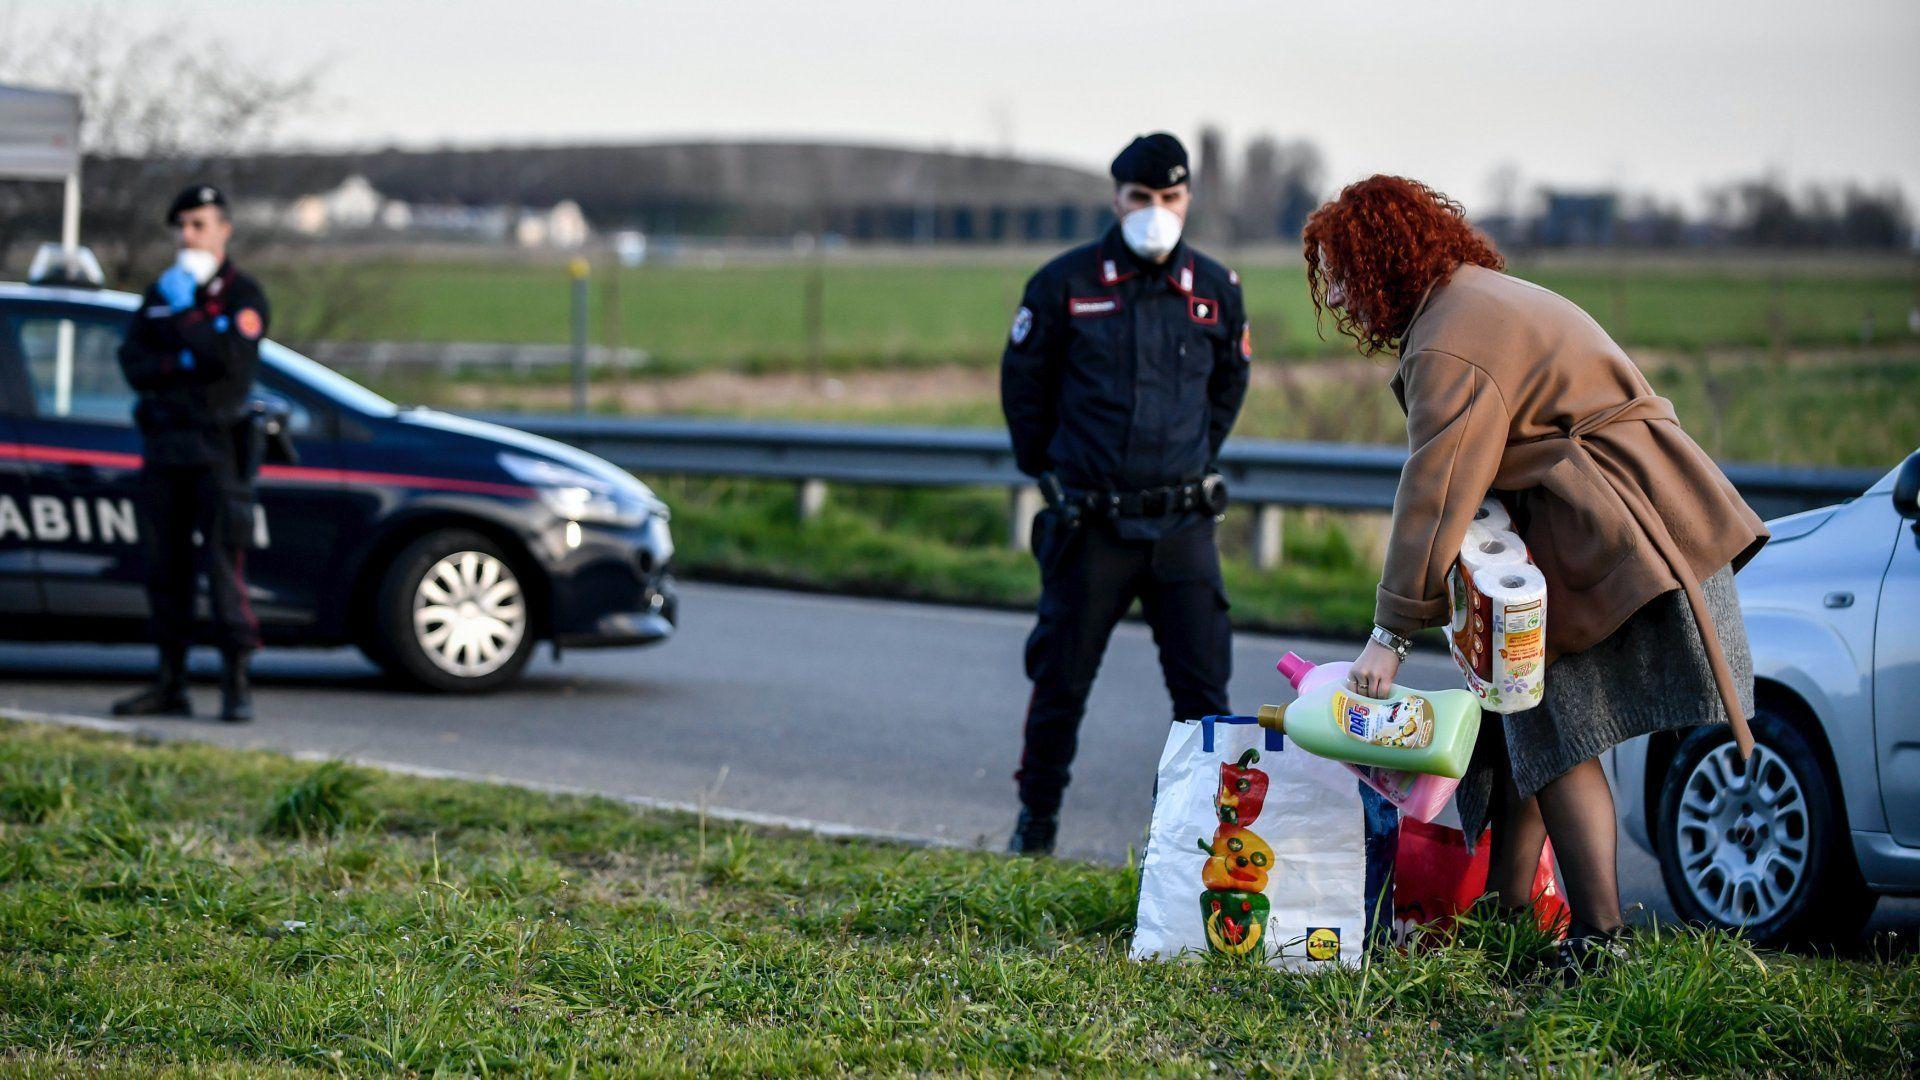 Rendőrségi útzár előtt vár egy nő, hogy bemehessen a lombardiai Casalpusterlengo városába 2020. március 8-án, miután a koronavírus-járvány további terjedésének megállítására az olasz kormány vesztegzár alá vonta az észak-olaszországi Lombardia tartományt és az országrész 15 másik városát (Fotó: MTI/AP/LaPresse/Claudio Furlan)